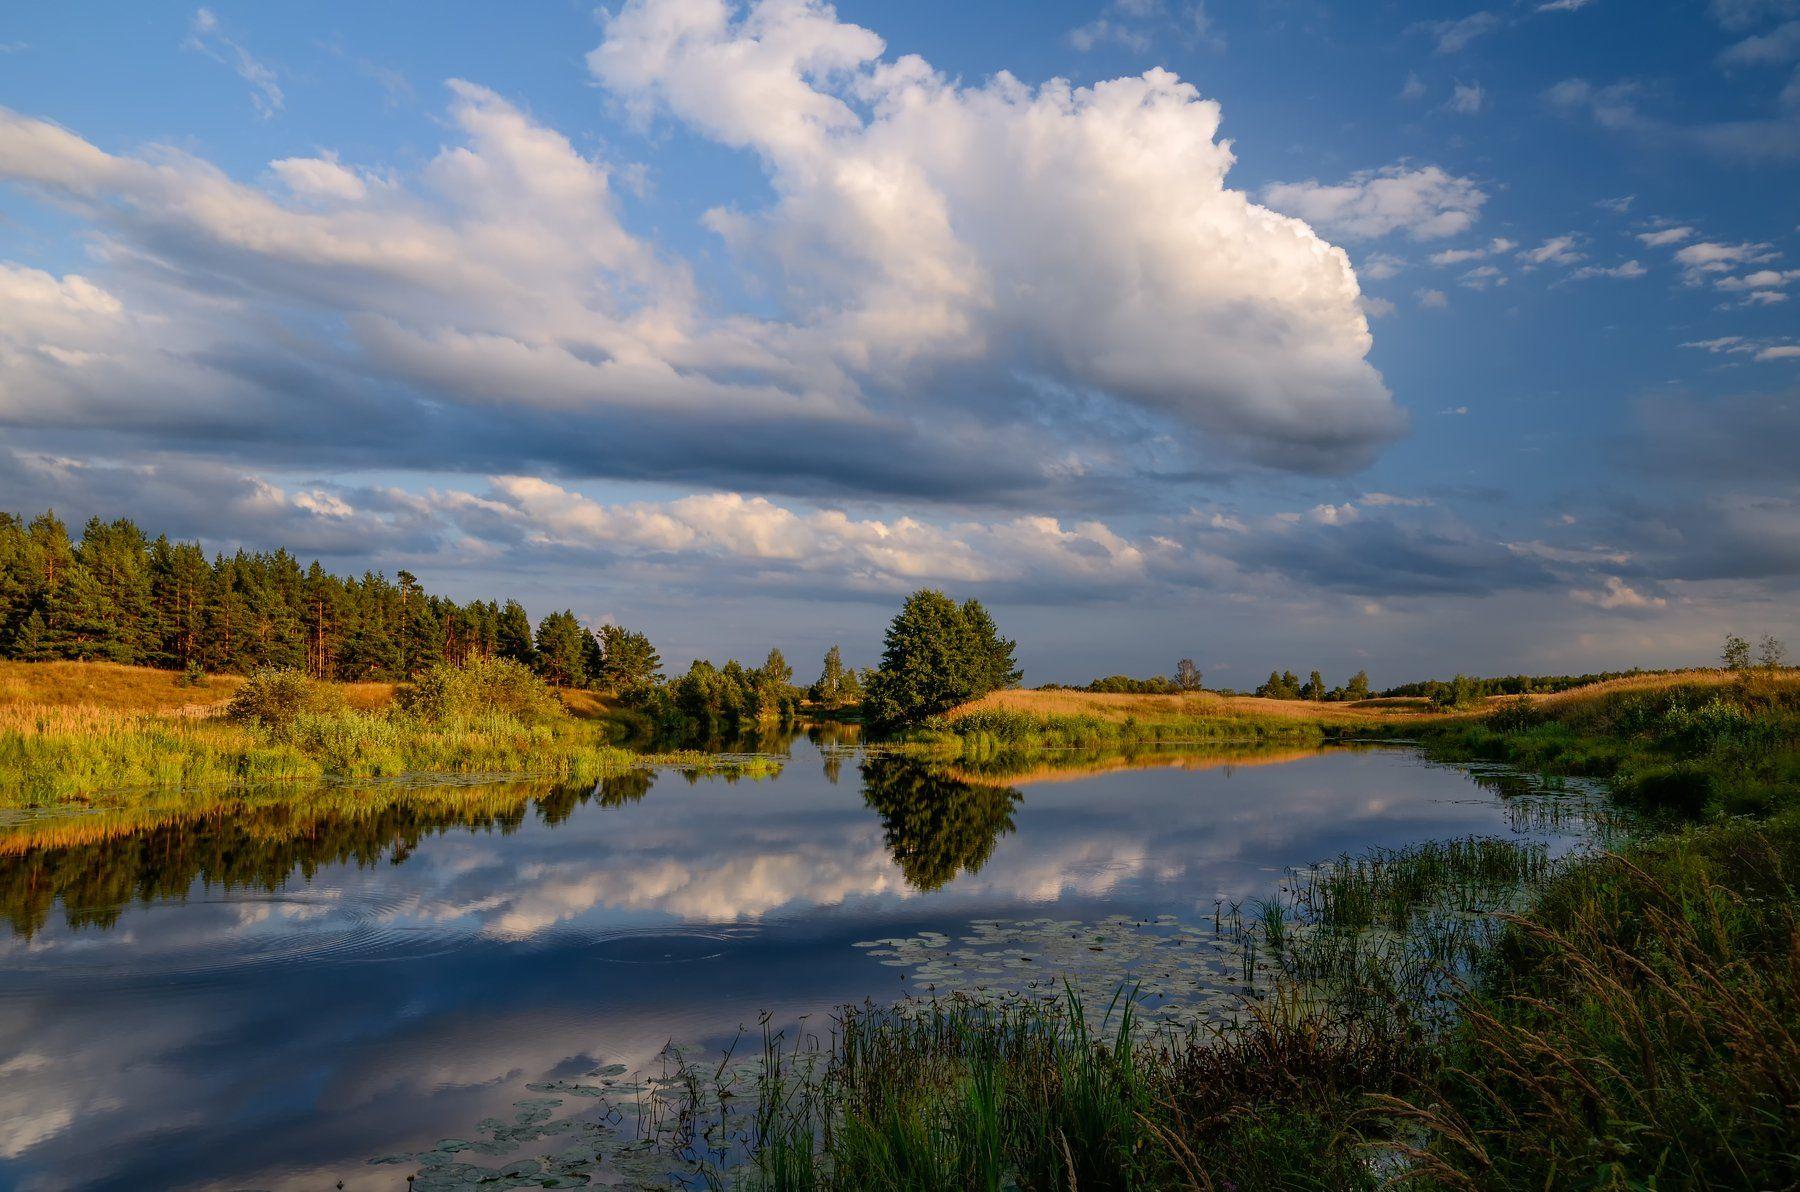 вечер,река,заводь,небо,облака,отражение, Виталий Полуэктов